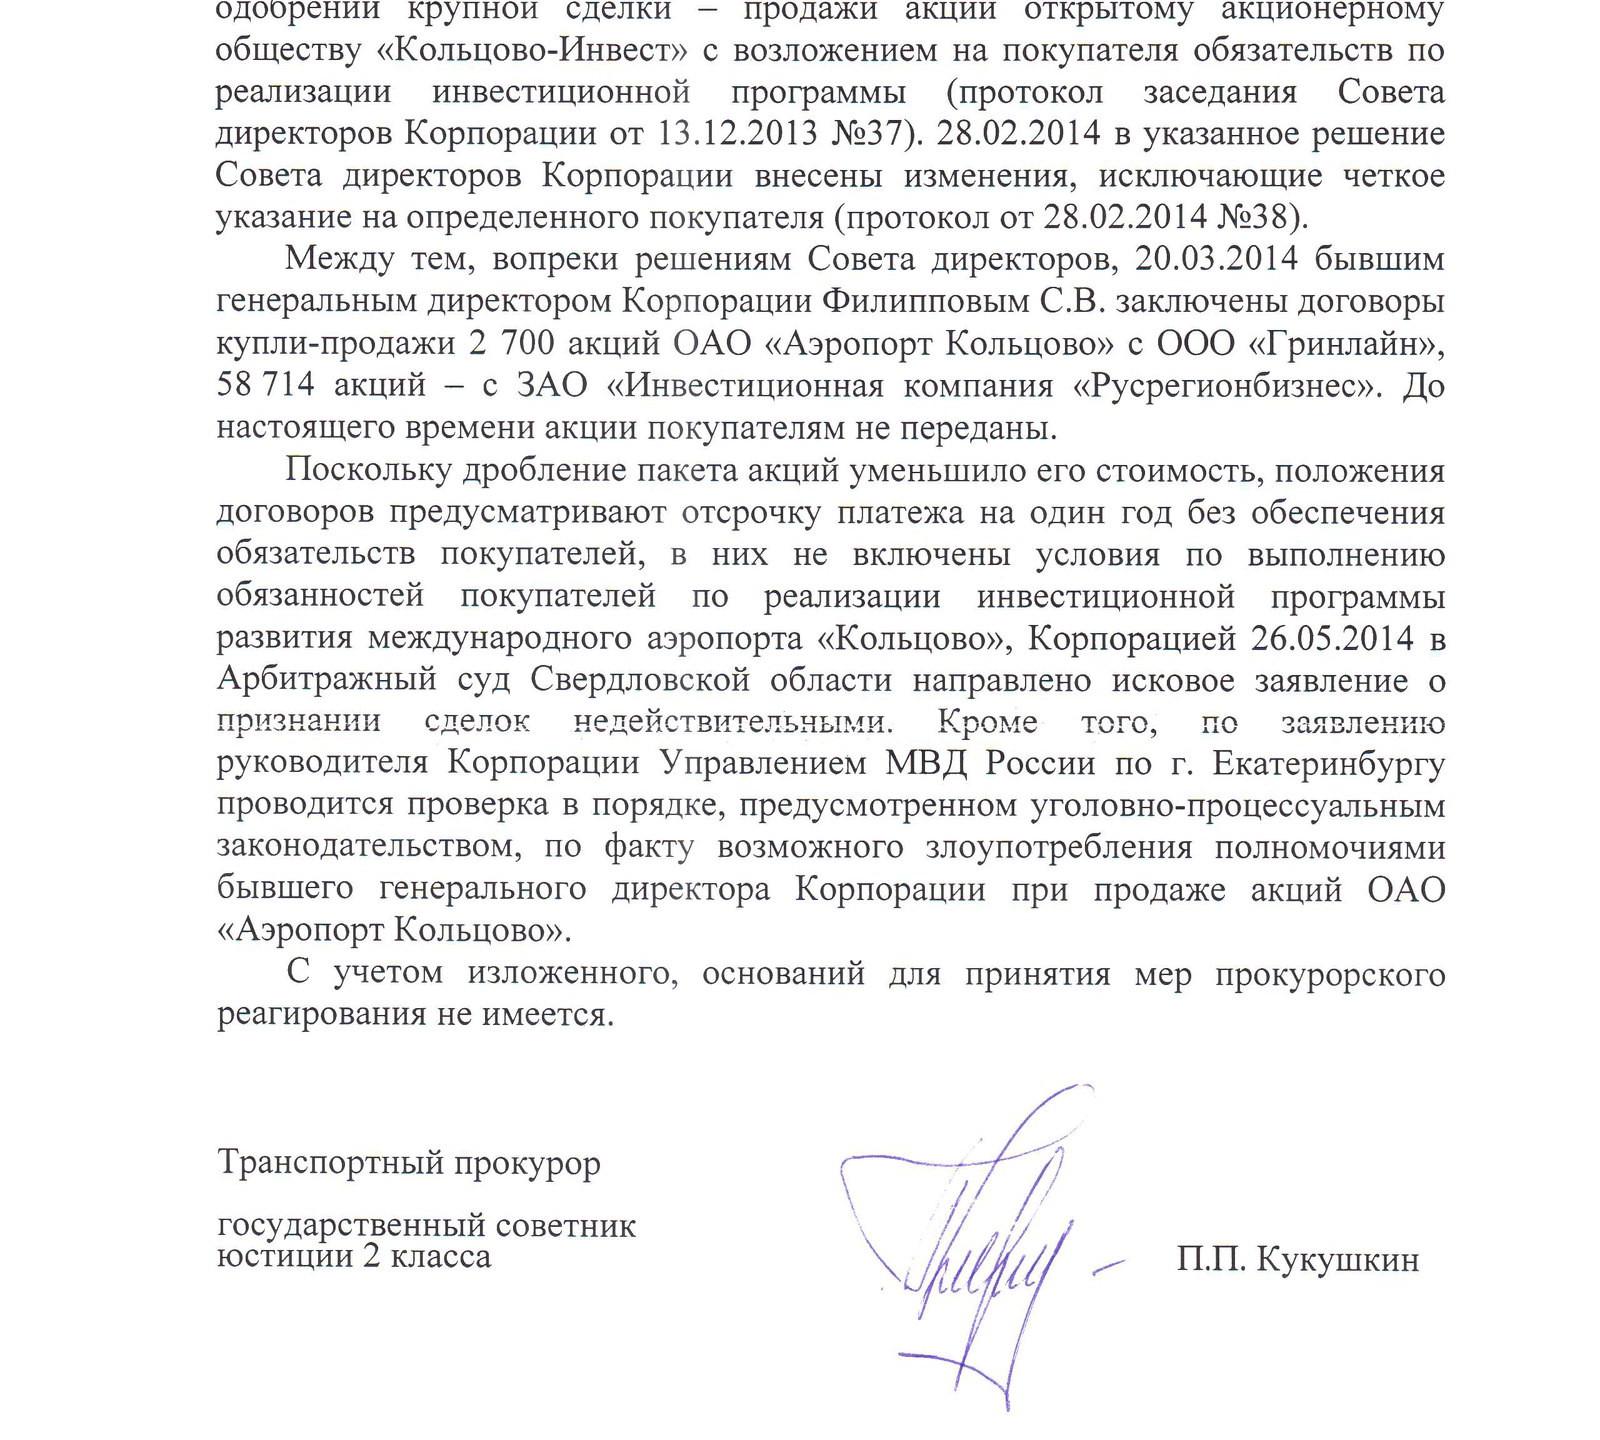 ответ из Урал.транс.Прокуратуры